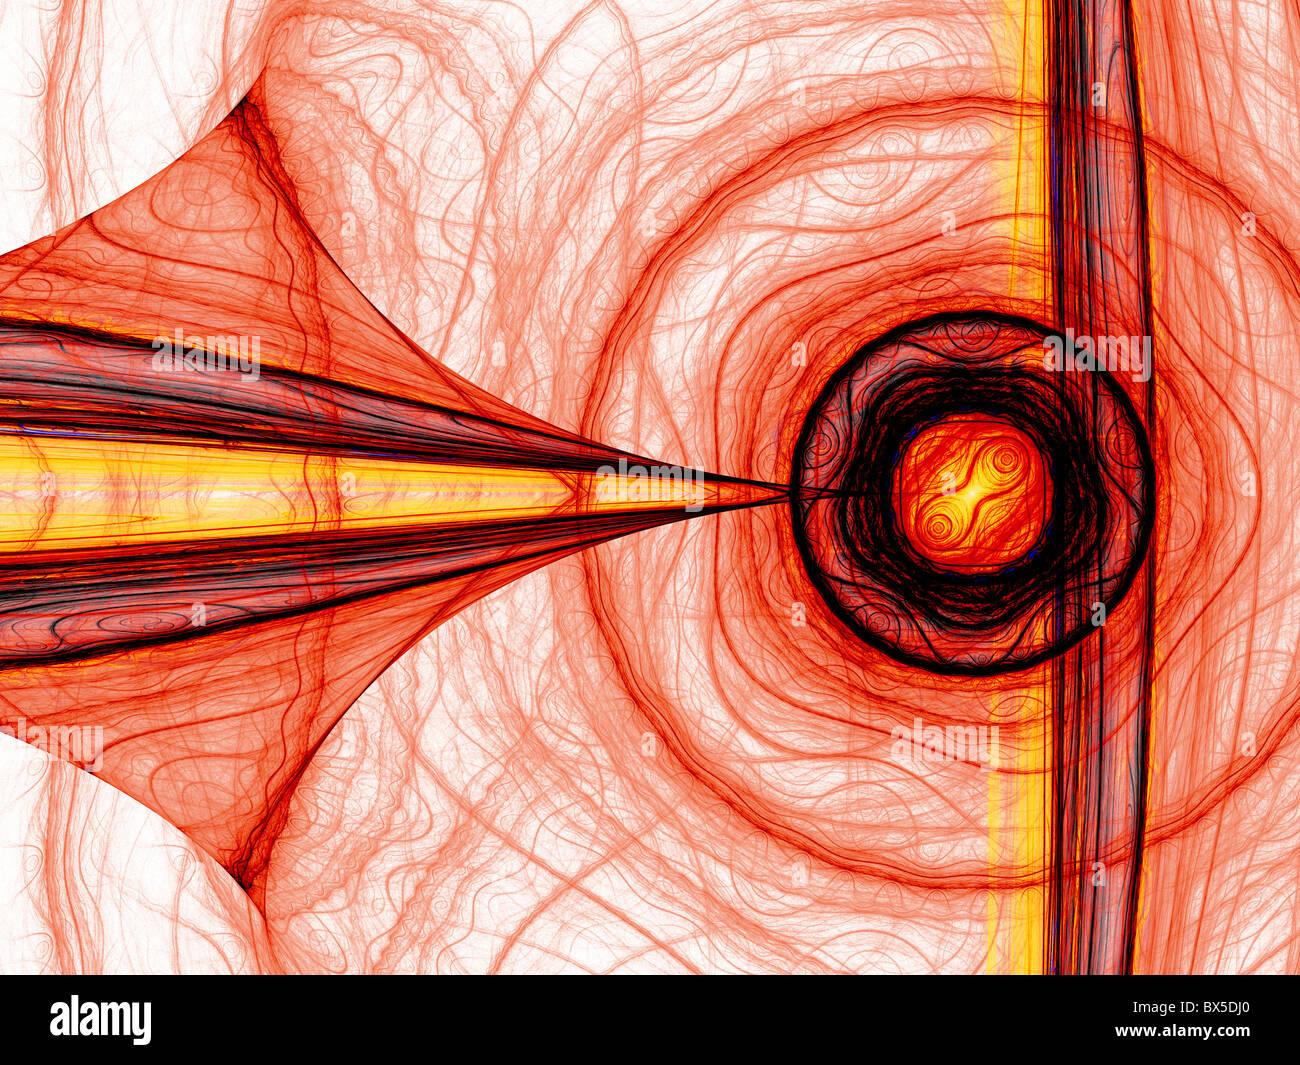 Abstract generata da computer di energia rosso frattale. Buona come sfondo o sfondo. Immagini Stock